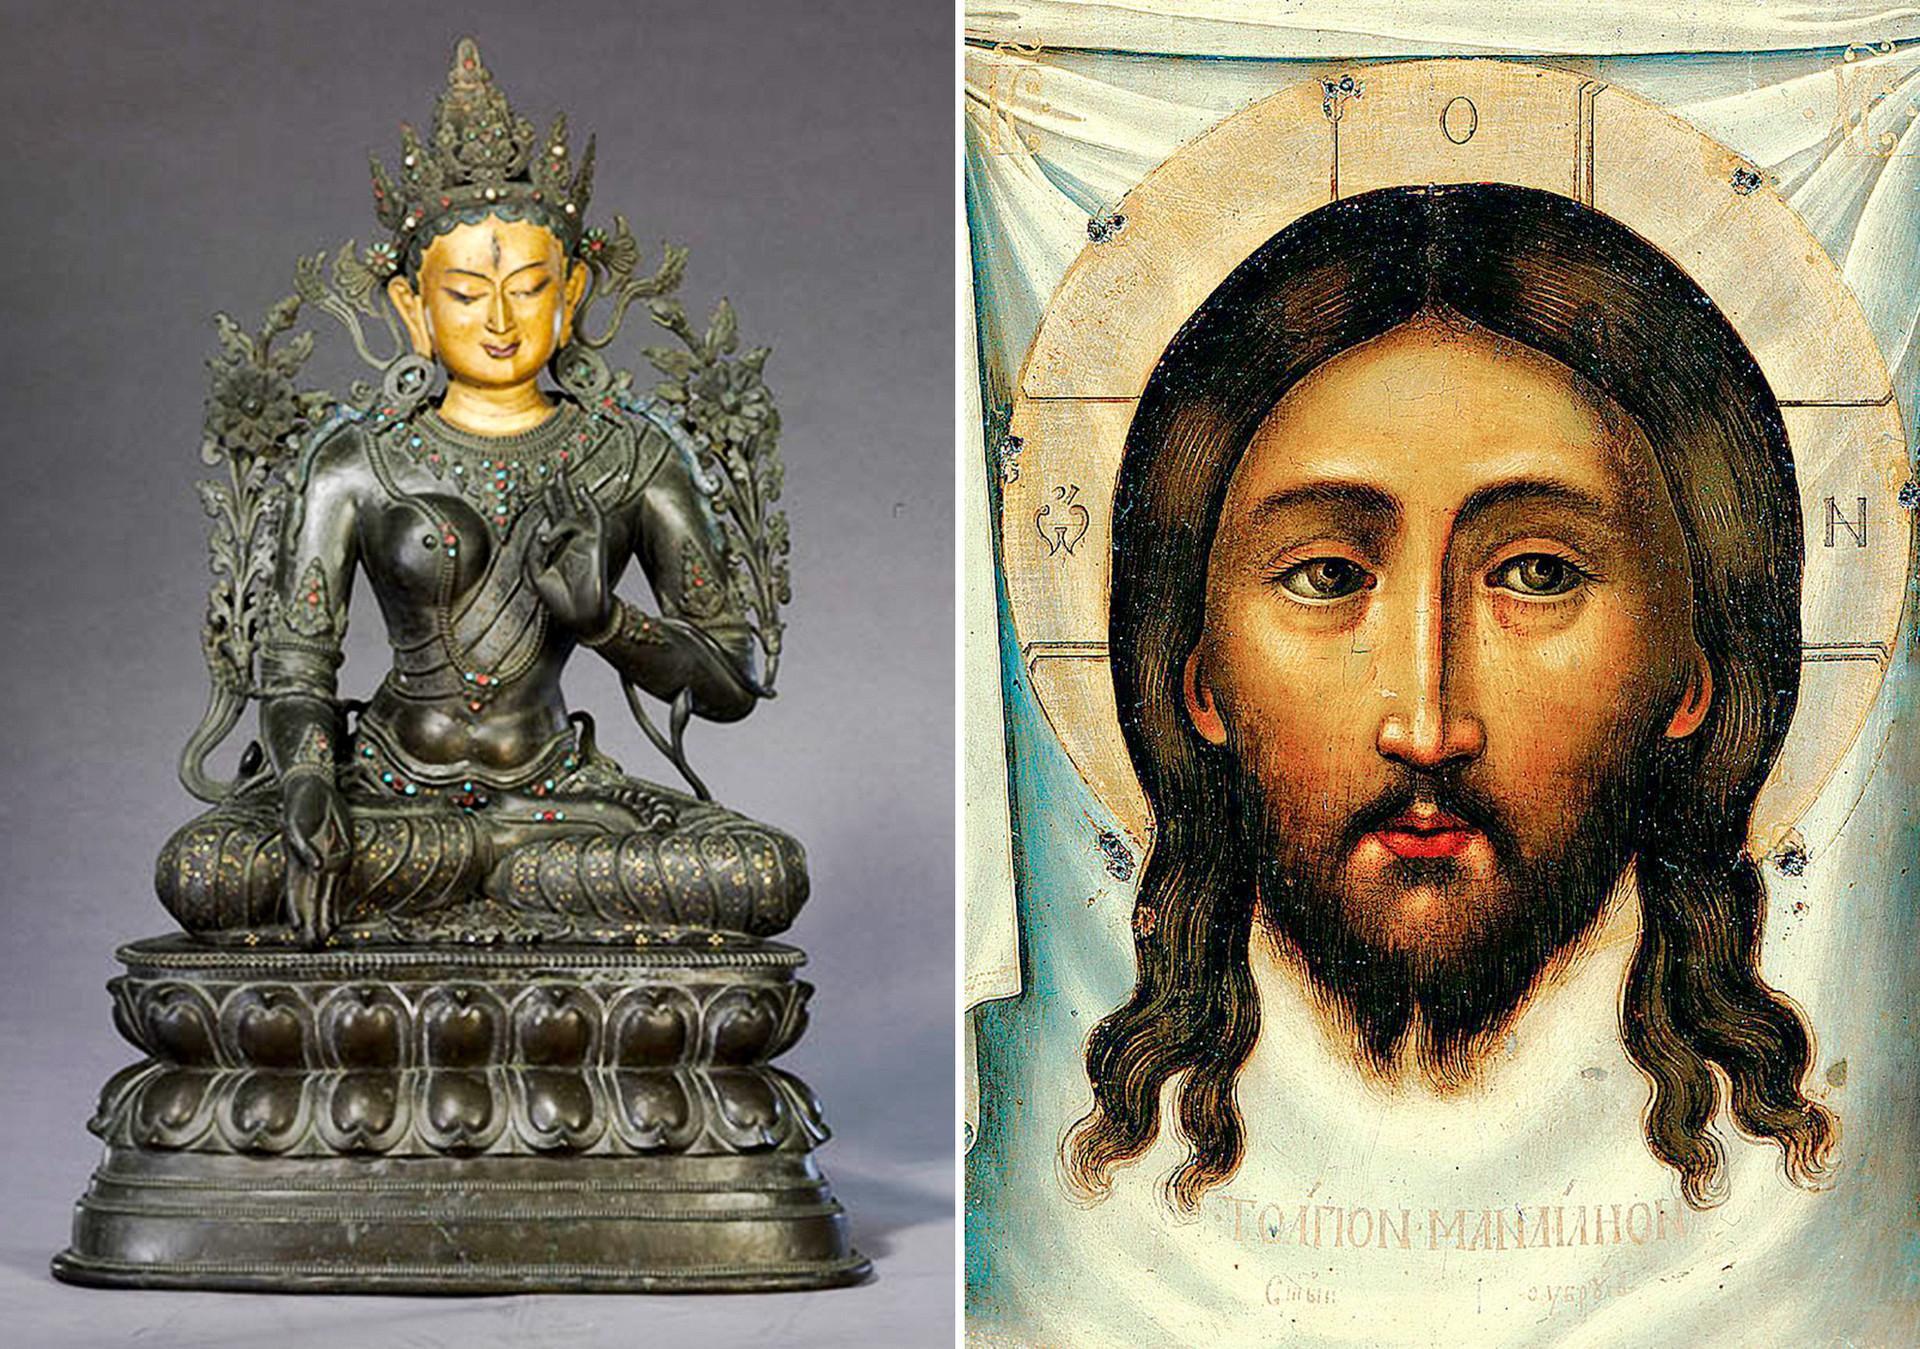 Слева: Статуя Белой Тары. Эпоха Цин, правление Цяньлун (1736–1796). Справа: Спас нерукотворный. Симон Ушаков. 1677